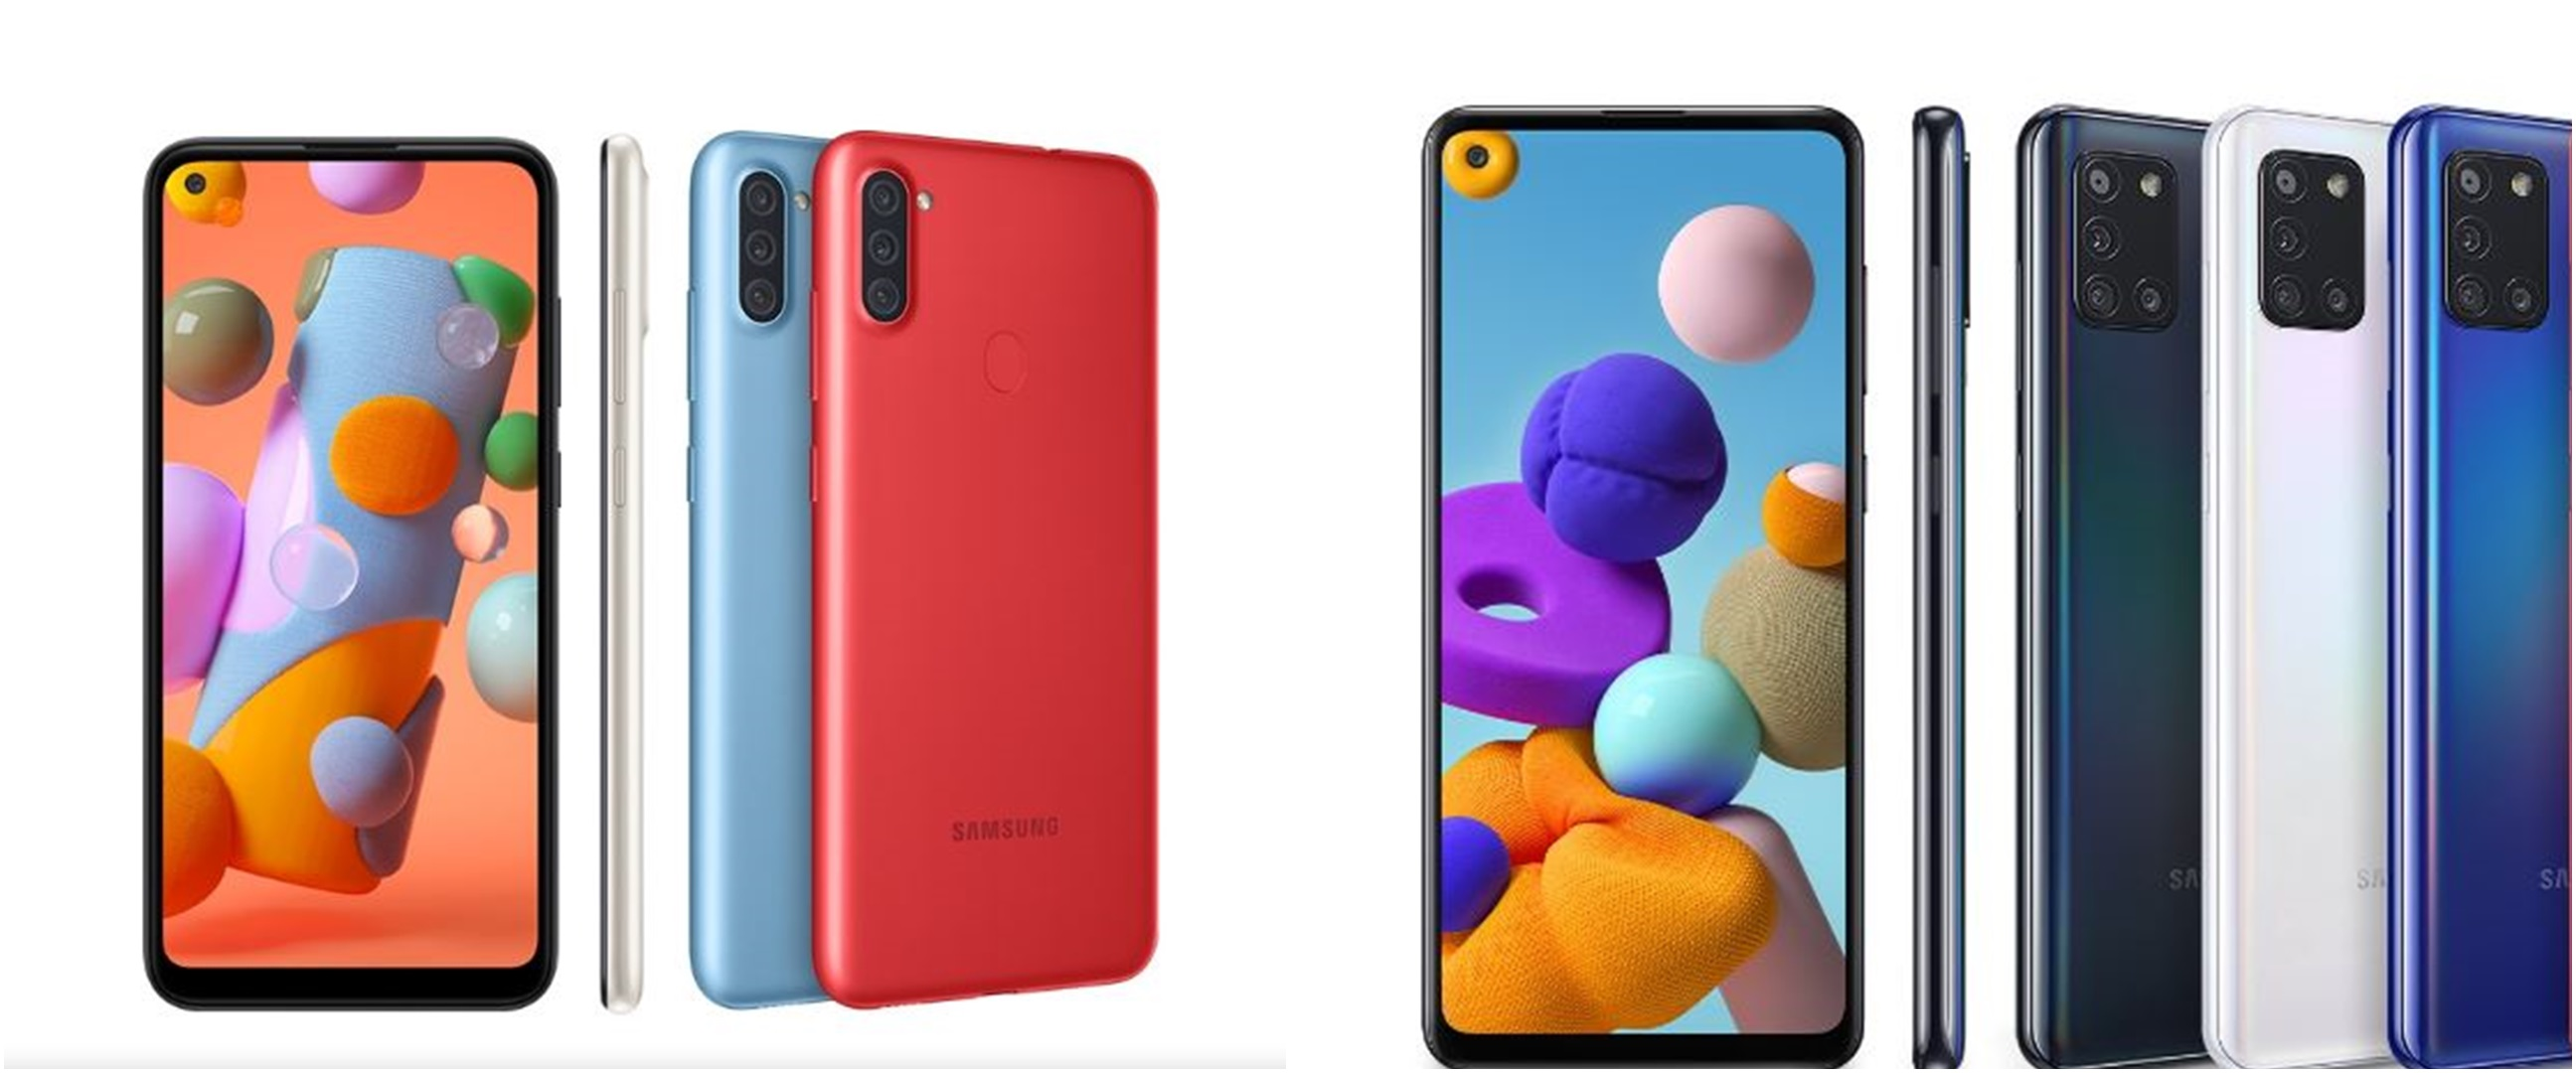 8 Harga HP Samsung terpopuler September 2020, di bawah Rp 3,5 juta